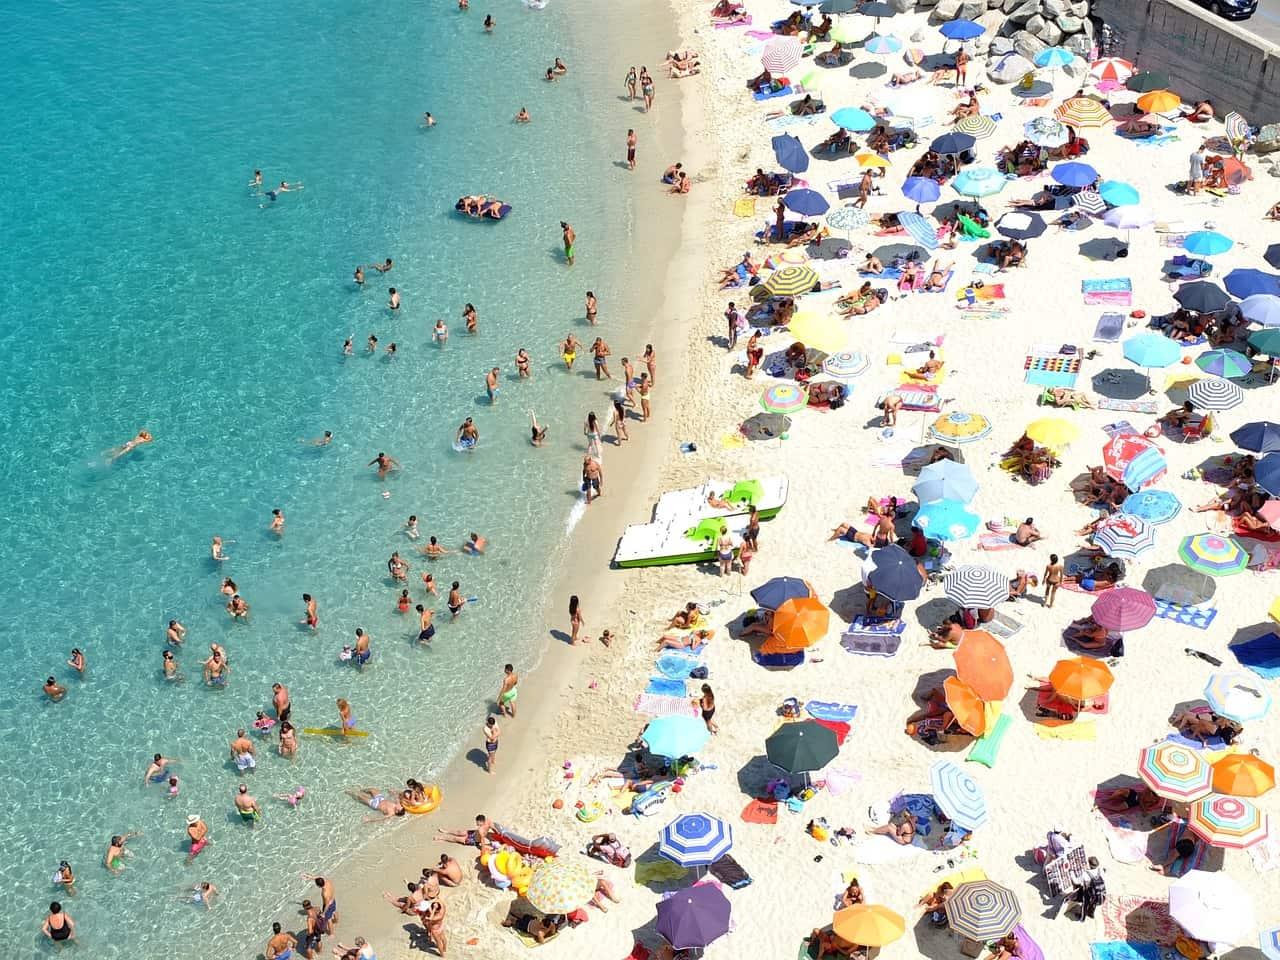 Corigliano Calabro Urlaub nur 116,00€ - Kalabrien 4 Pauschalreise